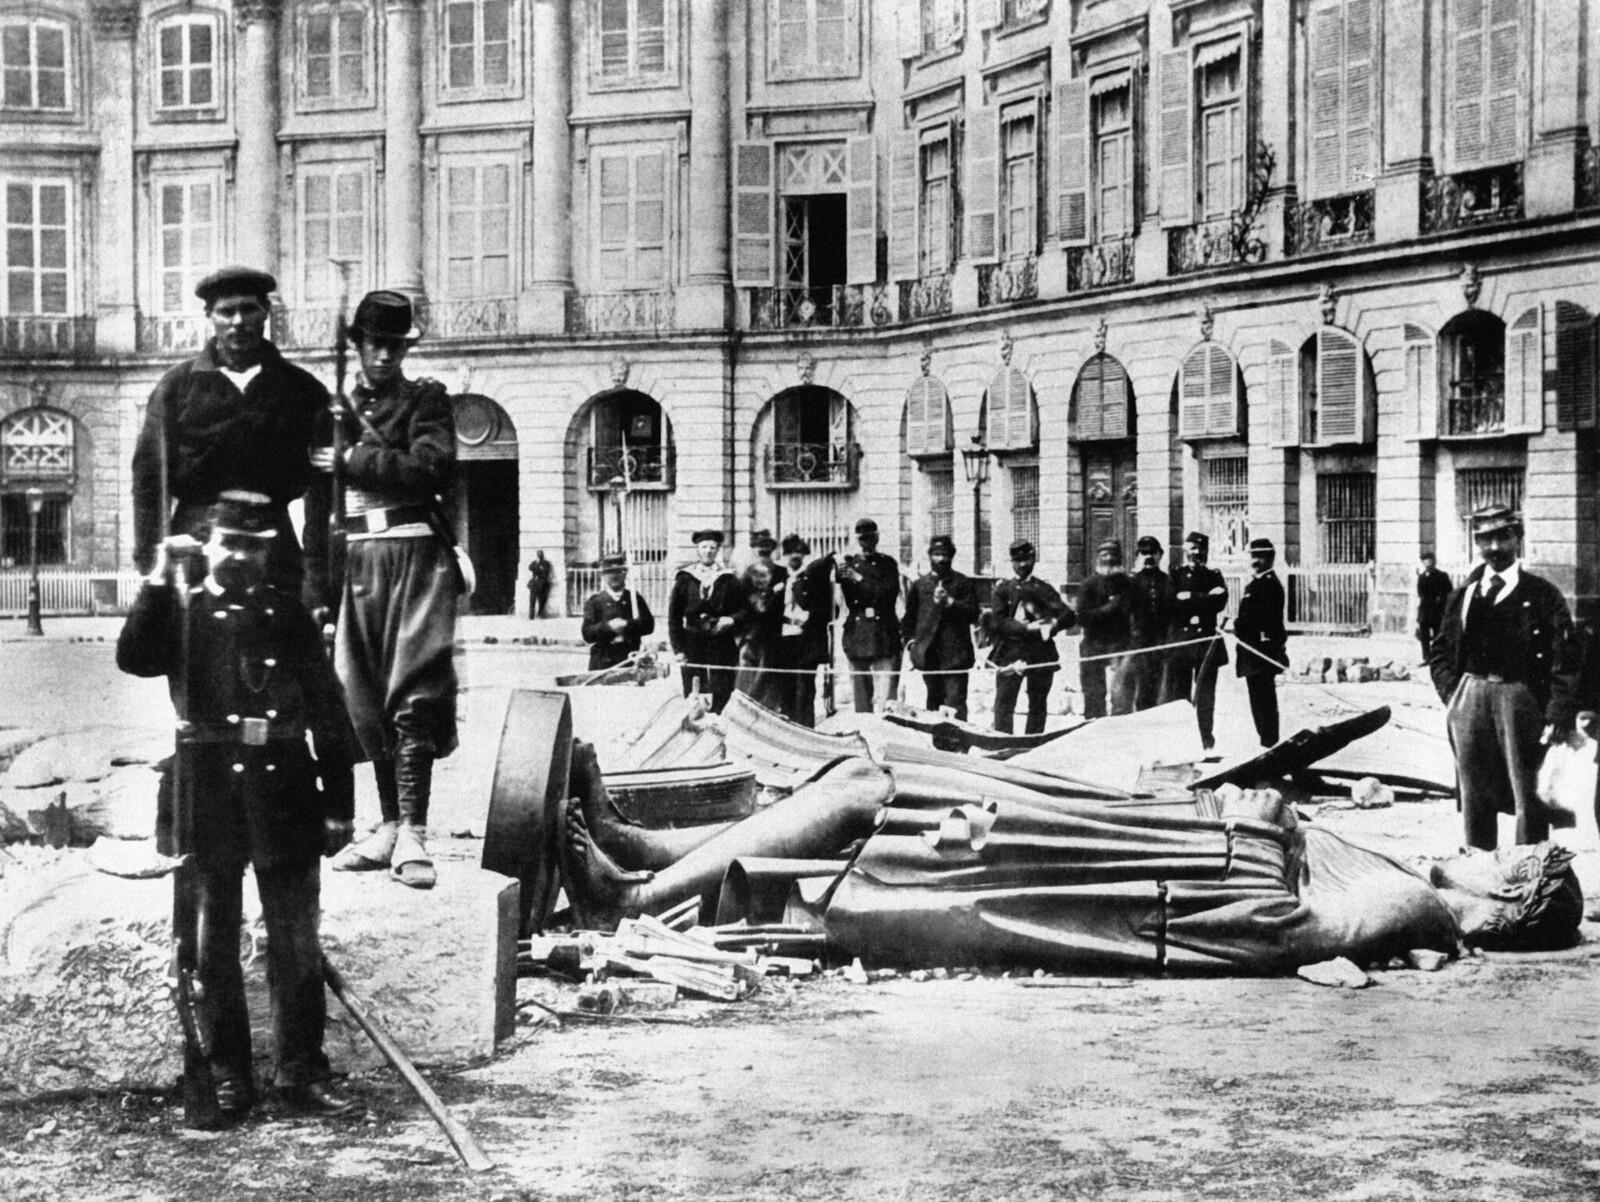 1871. Статуя Наполеона на земле после разрушения Вандомской колонны, 16 мая